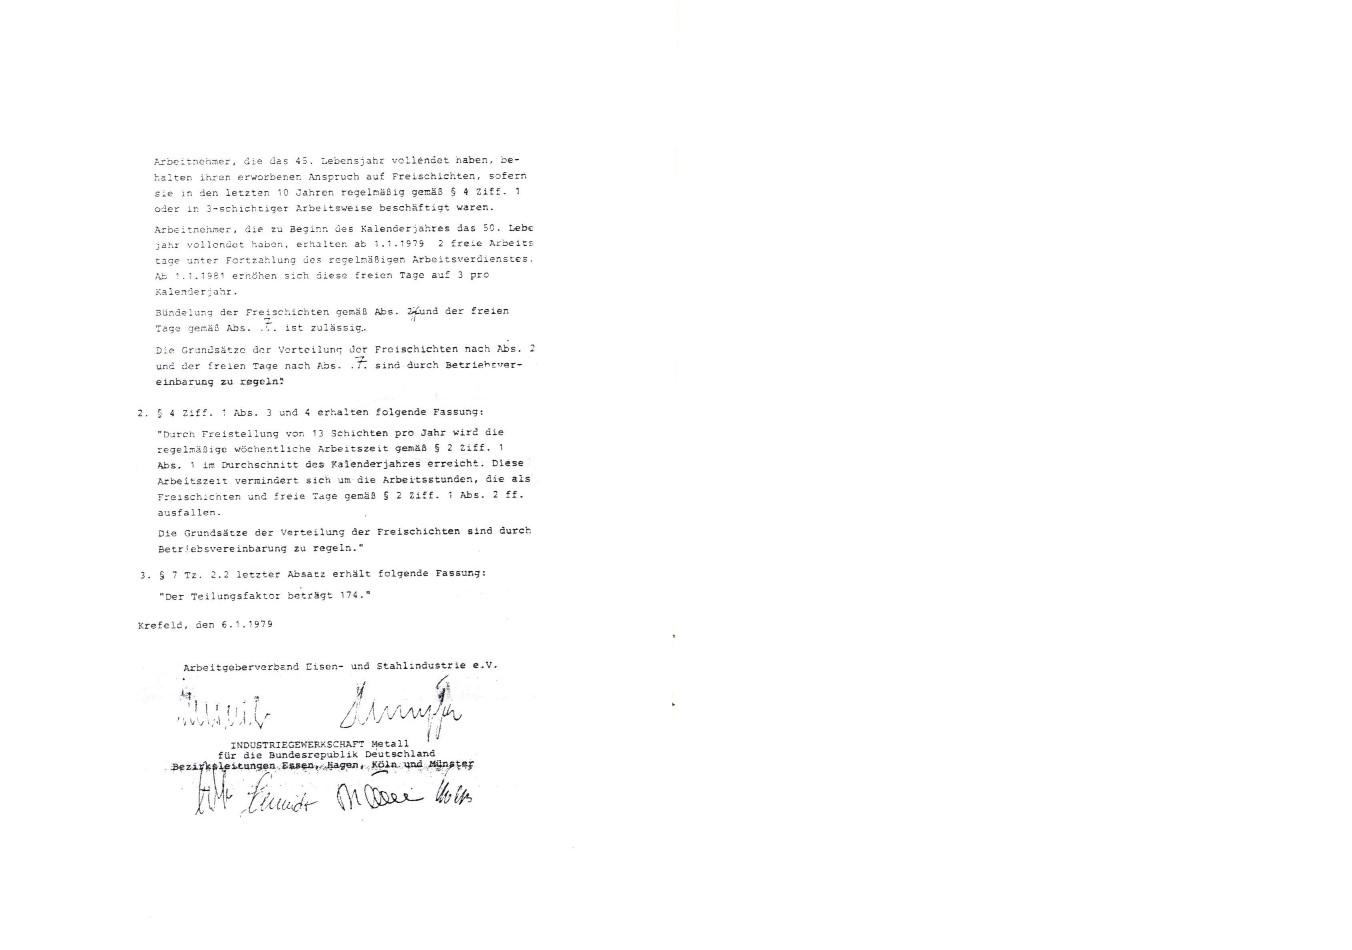 KPDAO_1979_Streik_in_der_Stahlindustrie_38